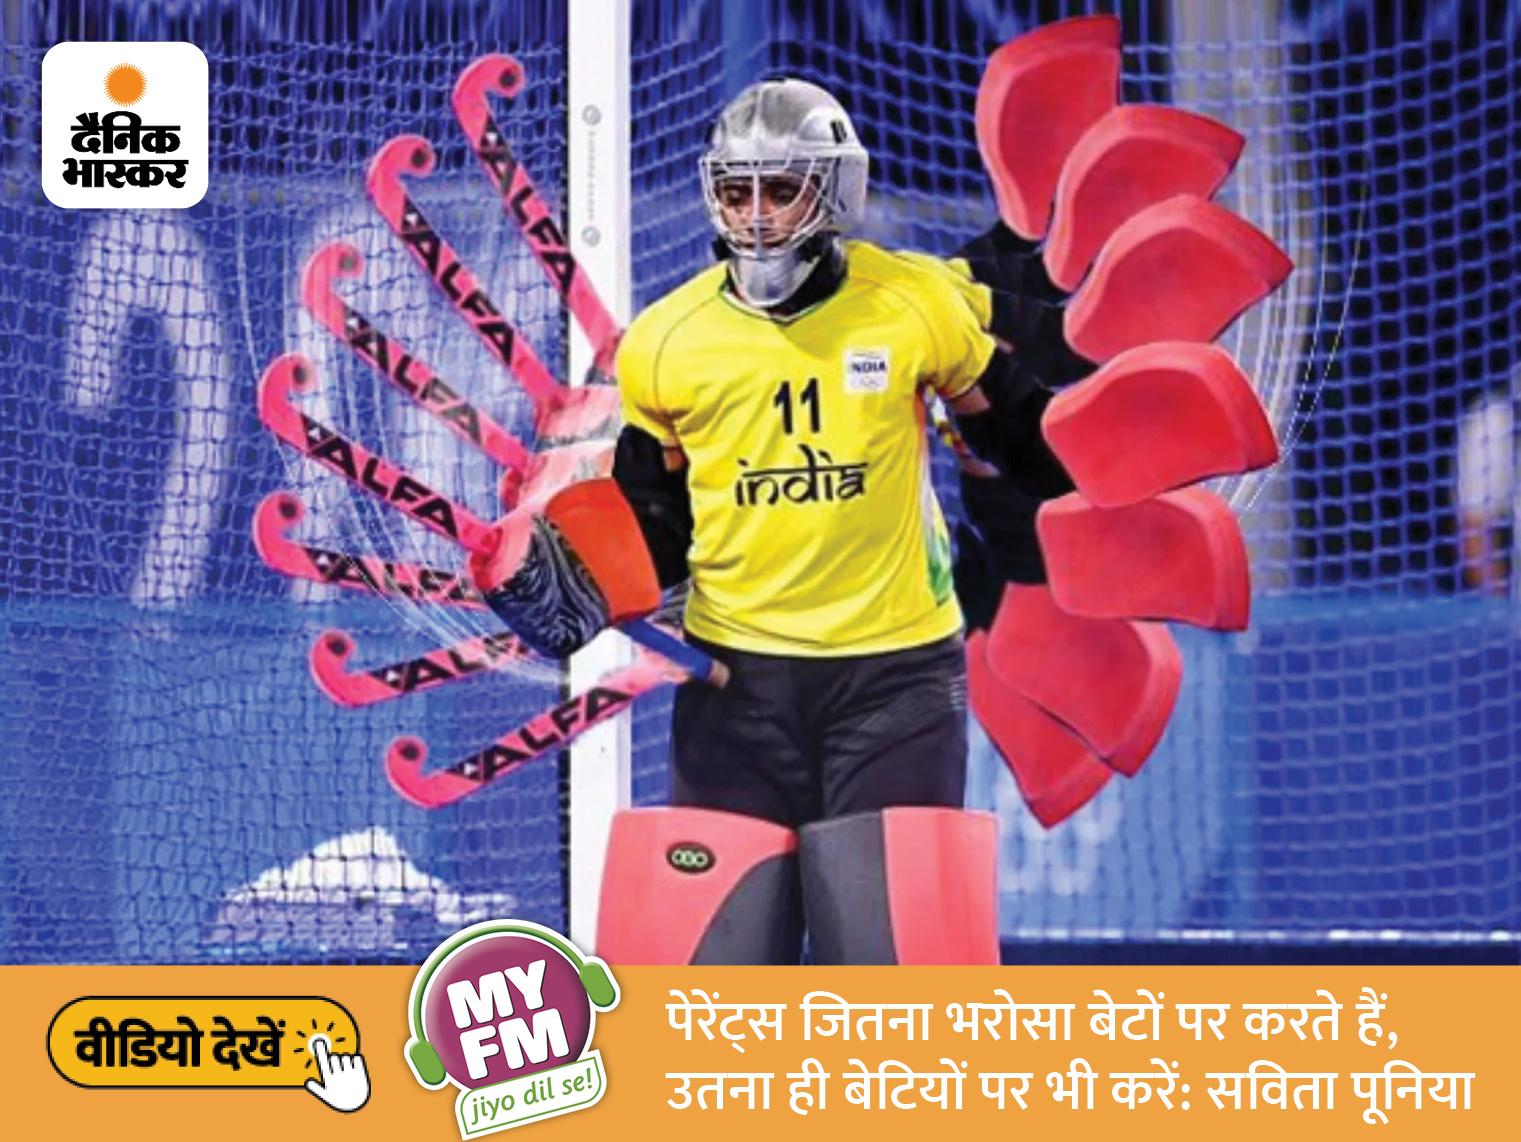 सविता पूनिया ने कहा- लड़कियों को भी खेलने दो; लड़कियां पूरे आत्मविश्वास, डेडिकेशन और ईमानदारी से काम करें|स्पोर्ट्स,Sports - Dainik Bhaskar